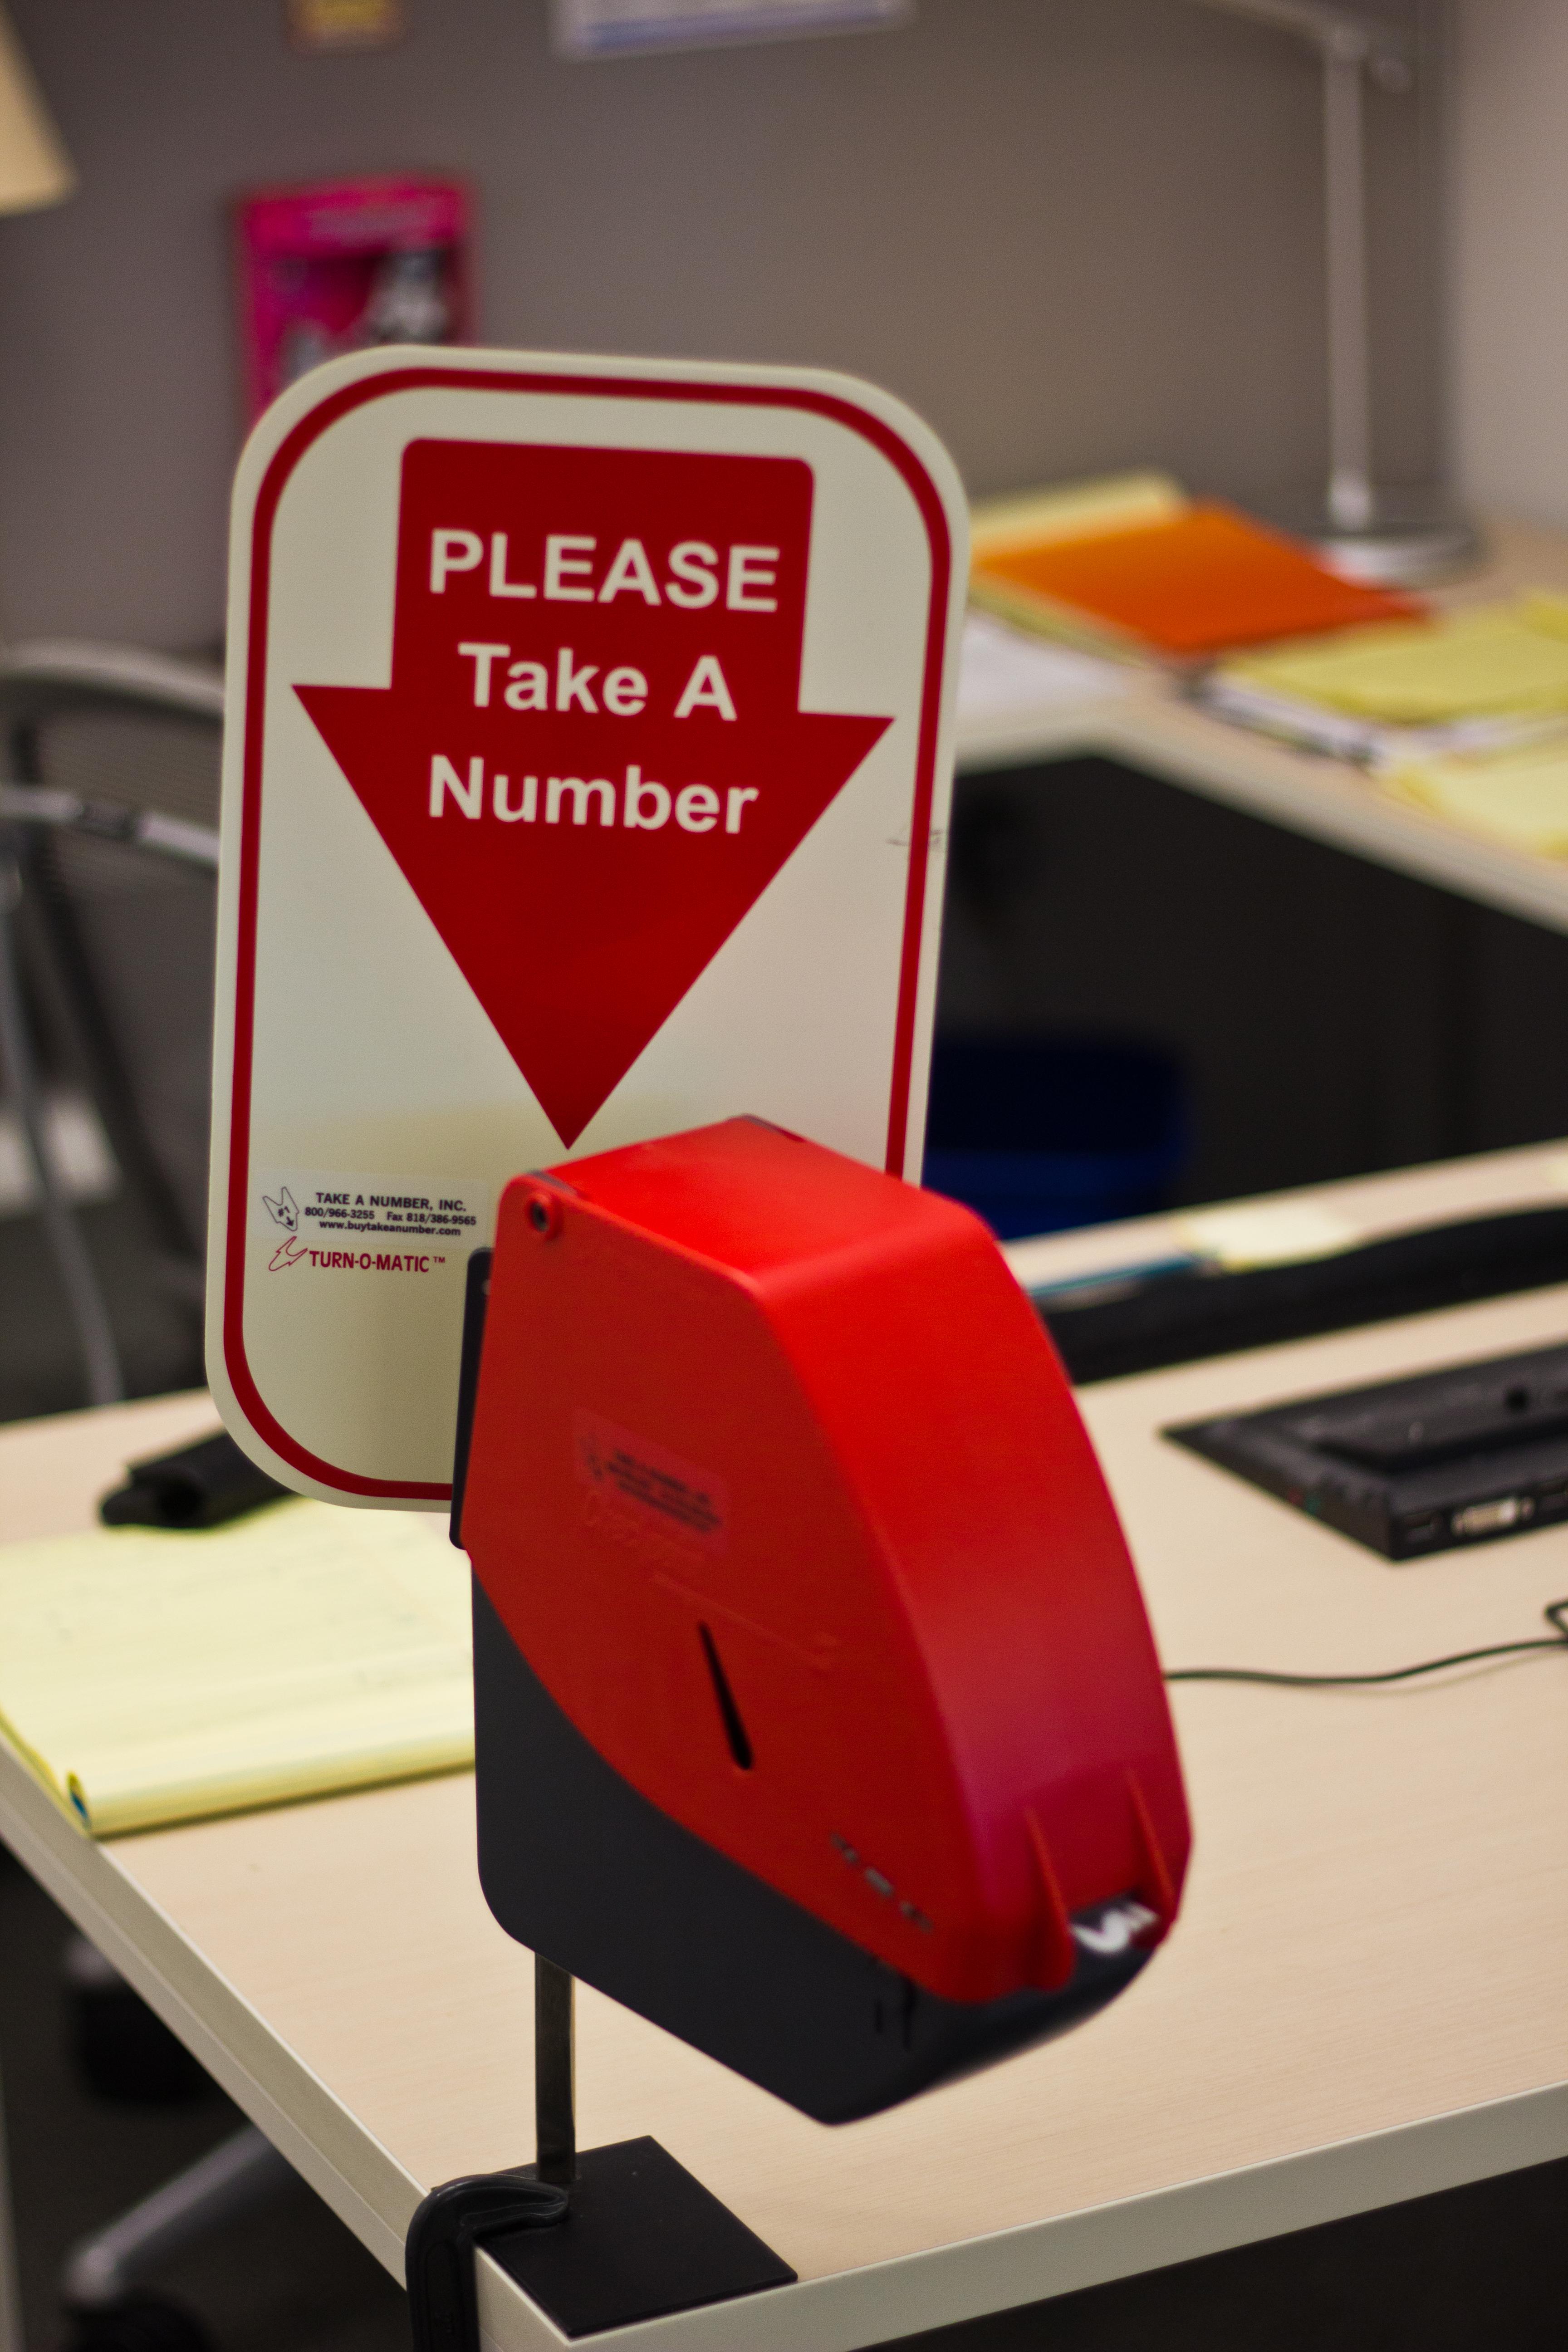 Ian Baxter: Employee Number Seventy Something